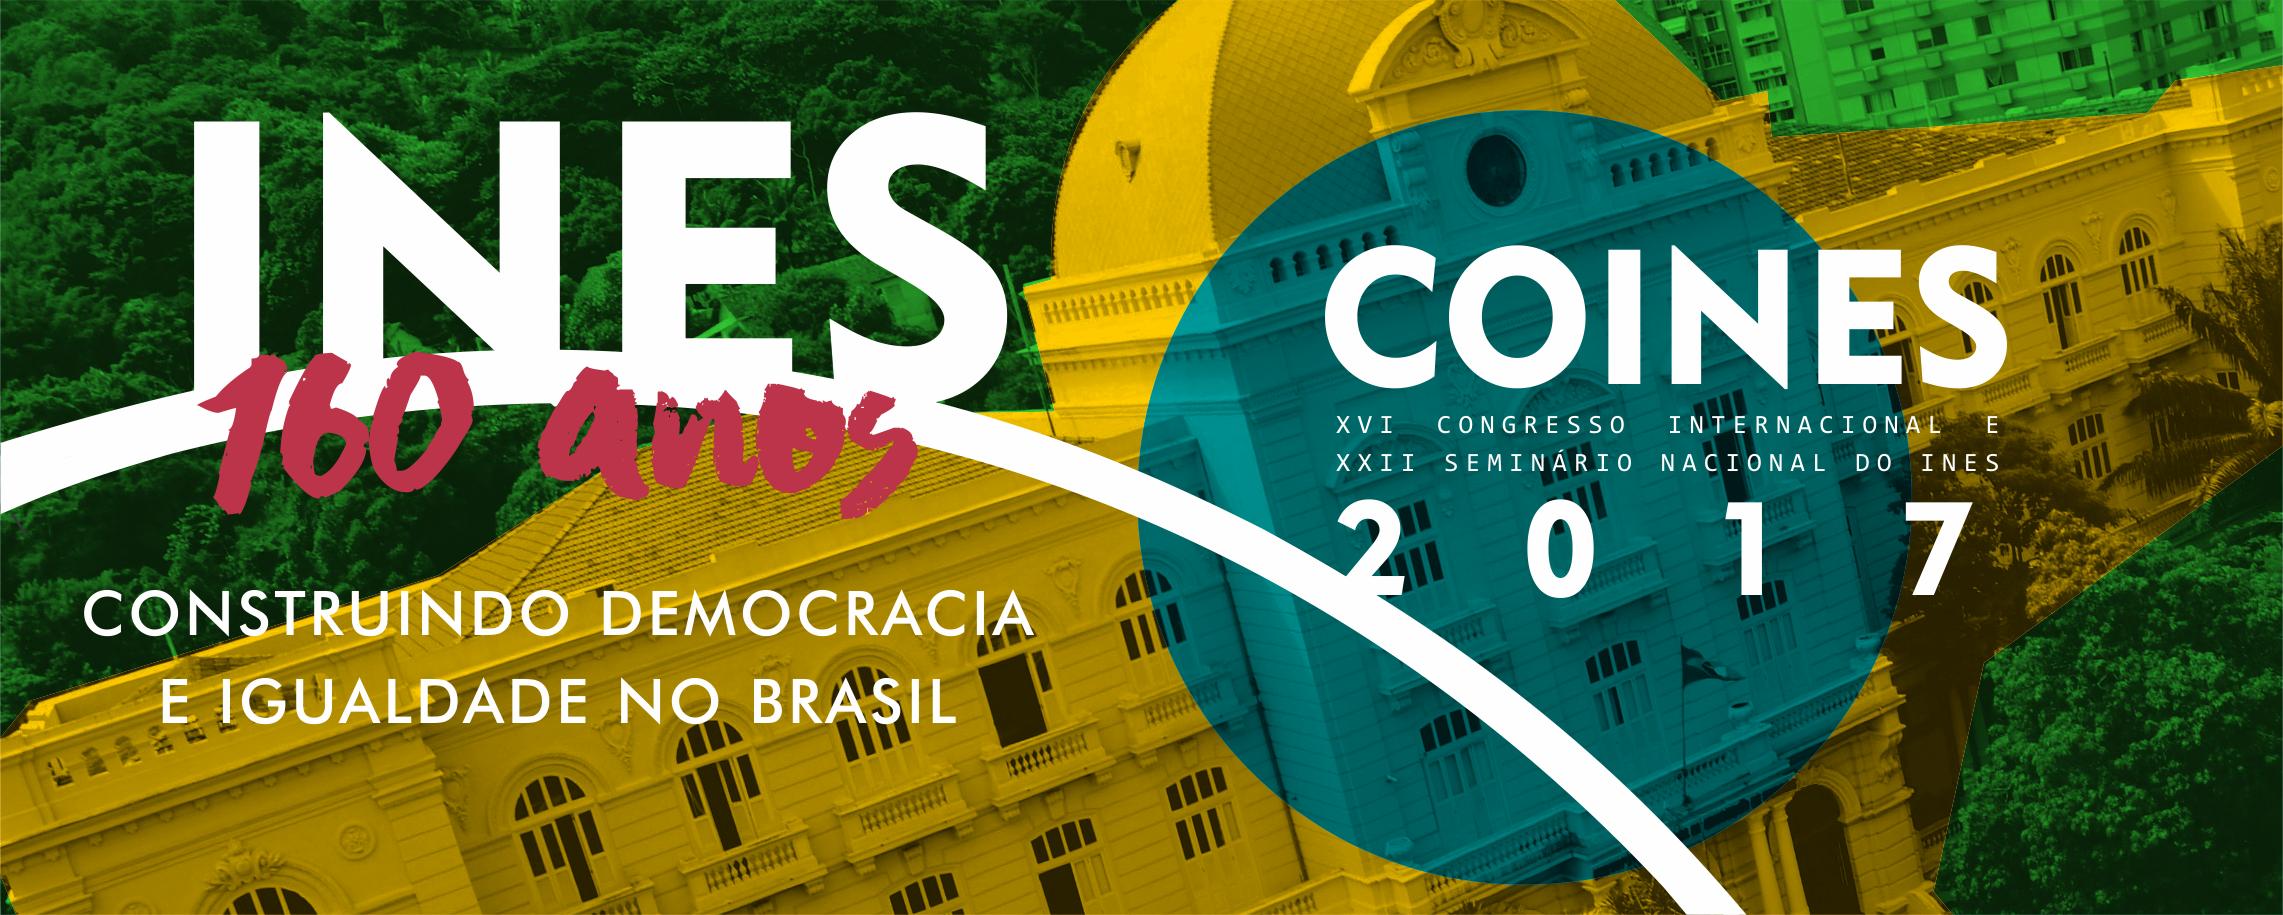 COINES 2017: INES realiza XVI Congresso Internacional e XXII Seminário Nacional